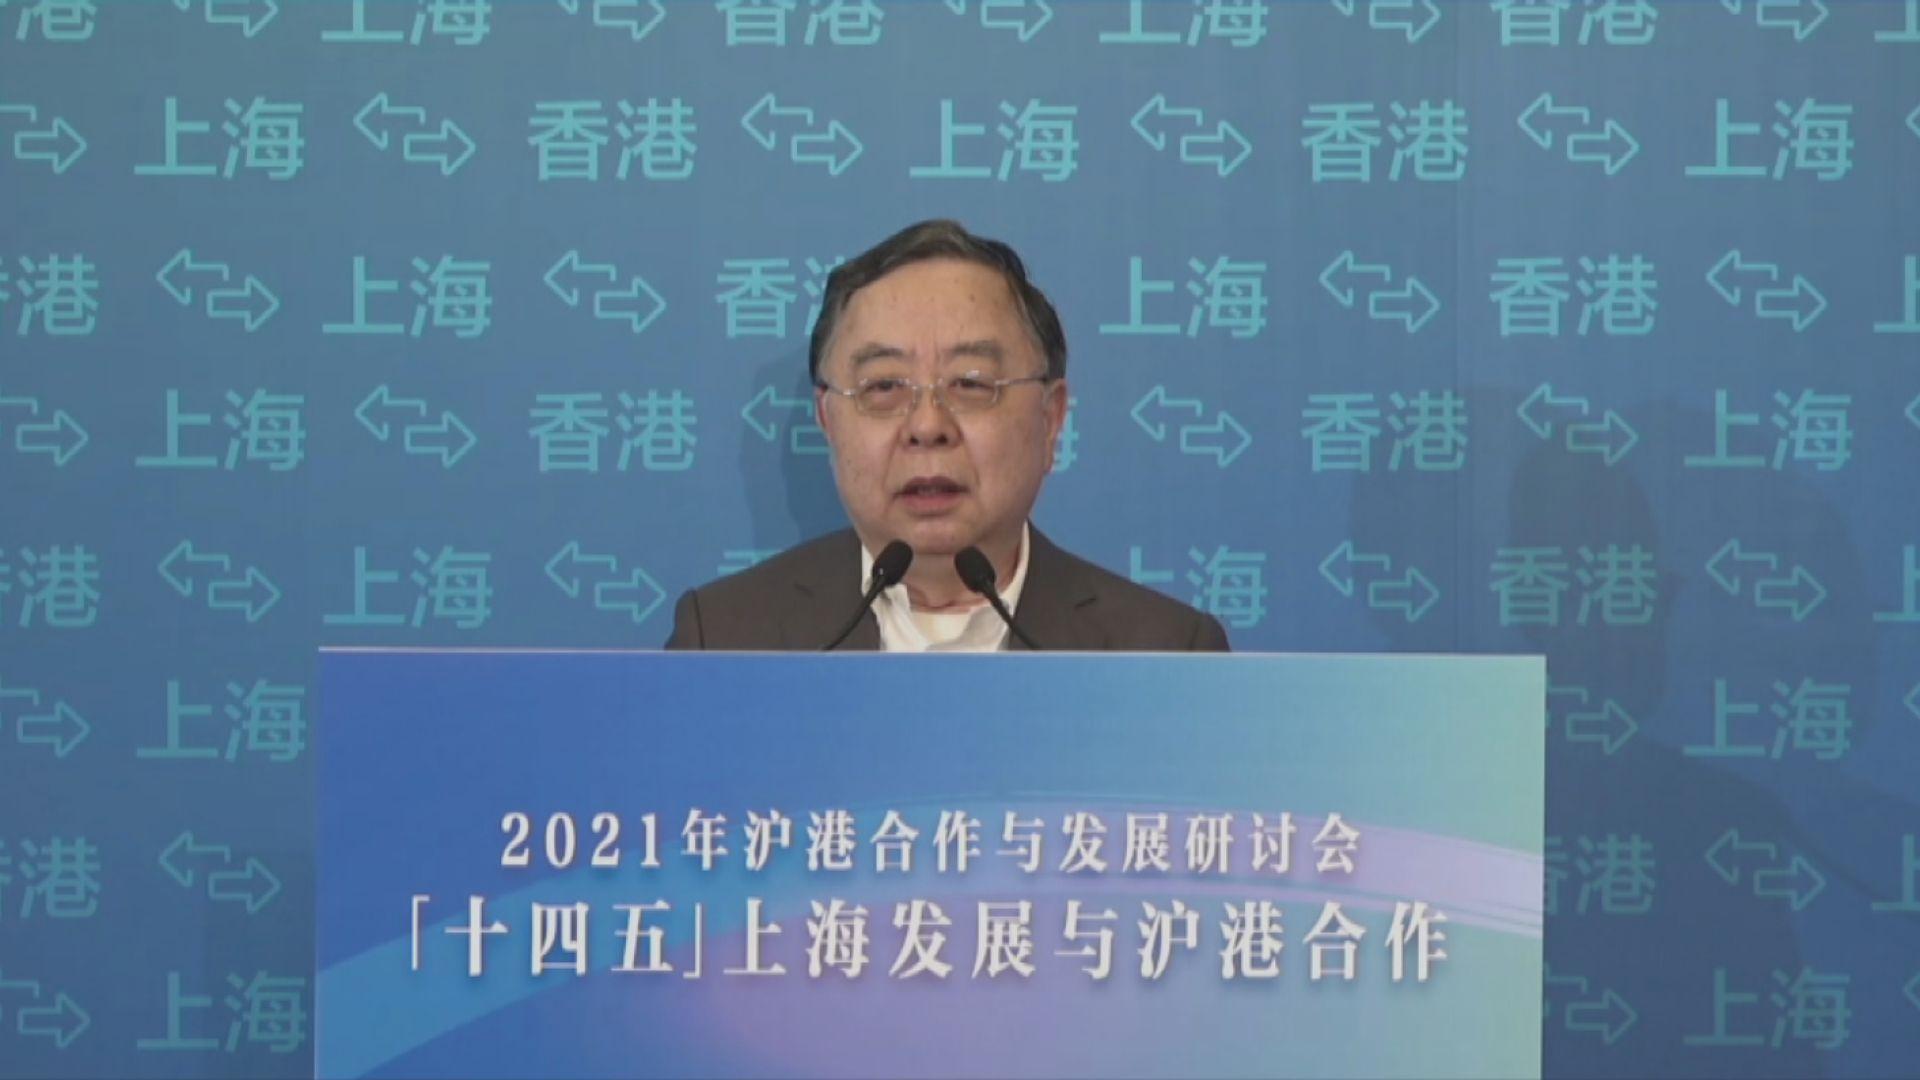 陳啟宗:國安法下香港有最好的機遇 籲港人把握機會